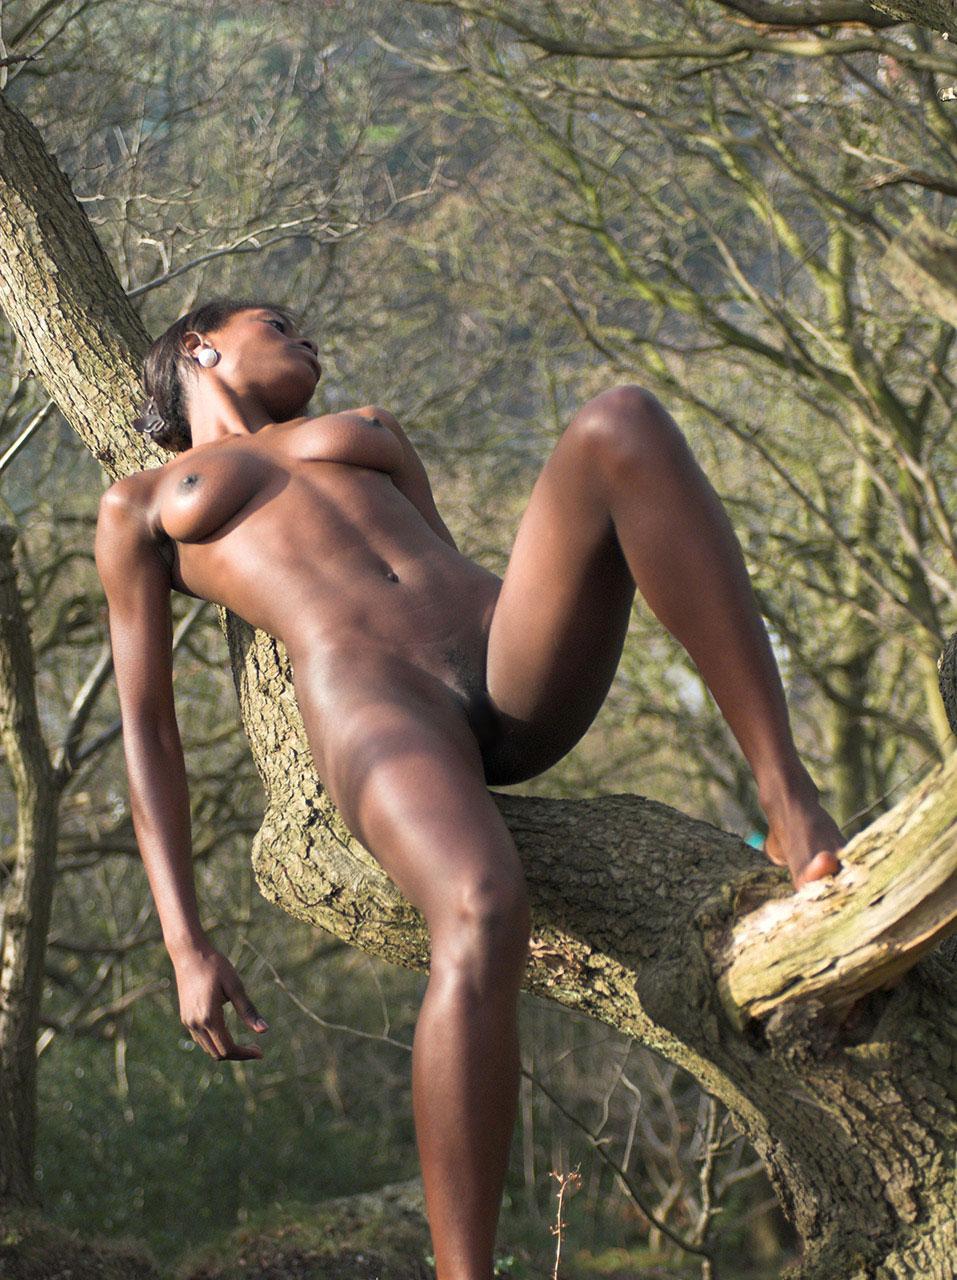 【黒人 美人】黒人のスタイル抜群な女性が美巨乳露出してるおっぱい画像ってブラックビューティーって感じで最高にエロい件w 23